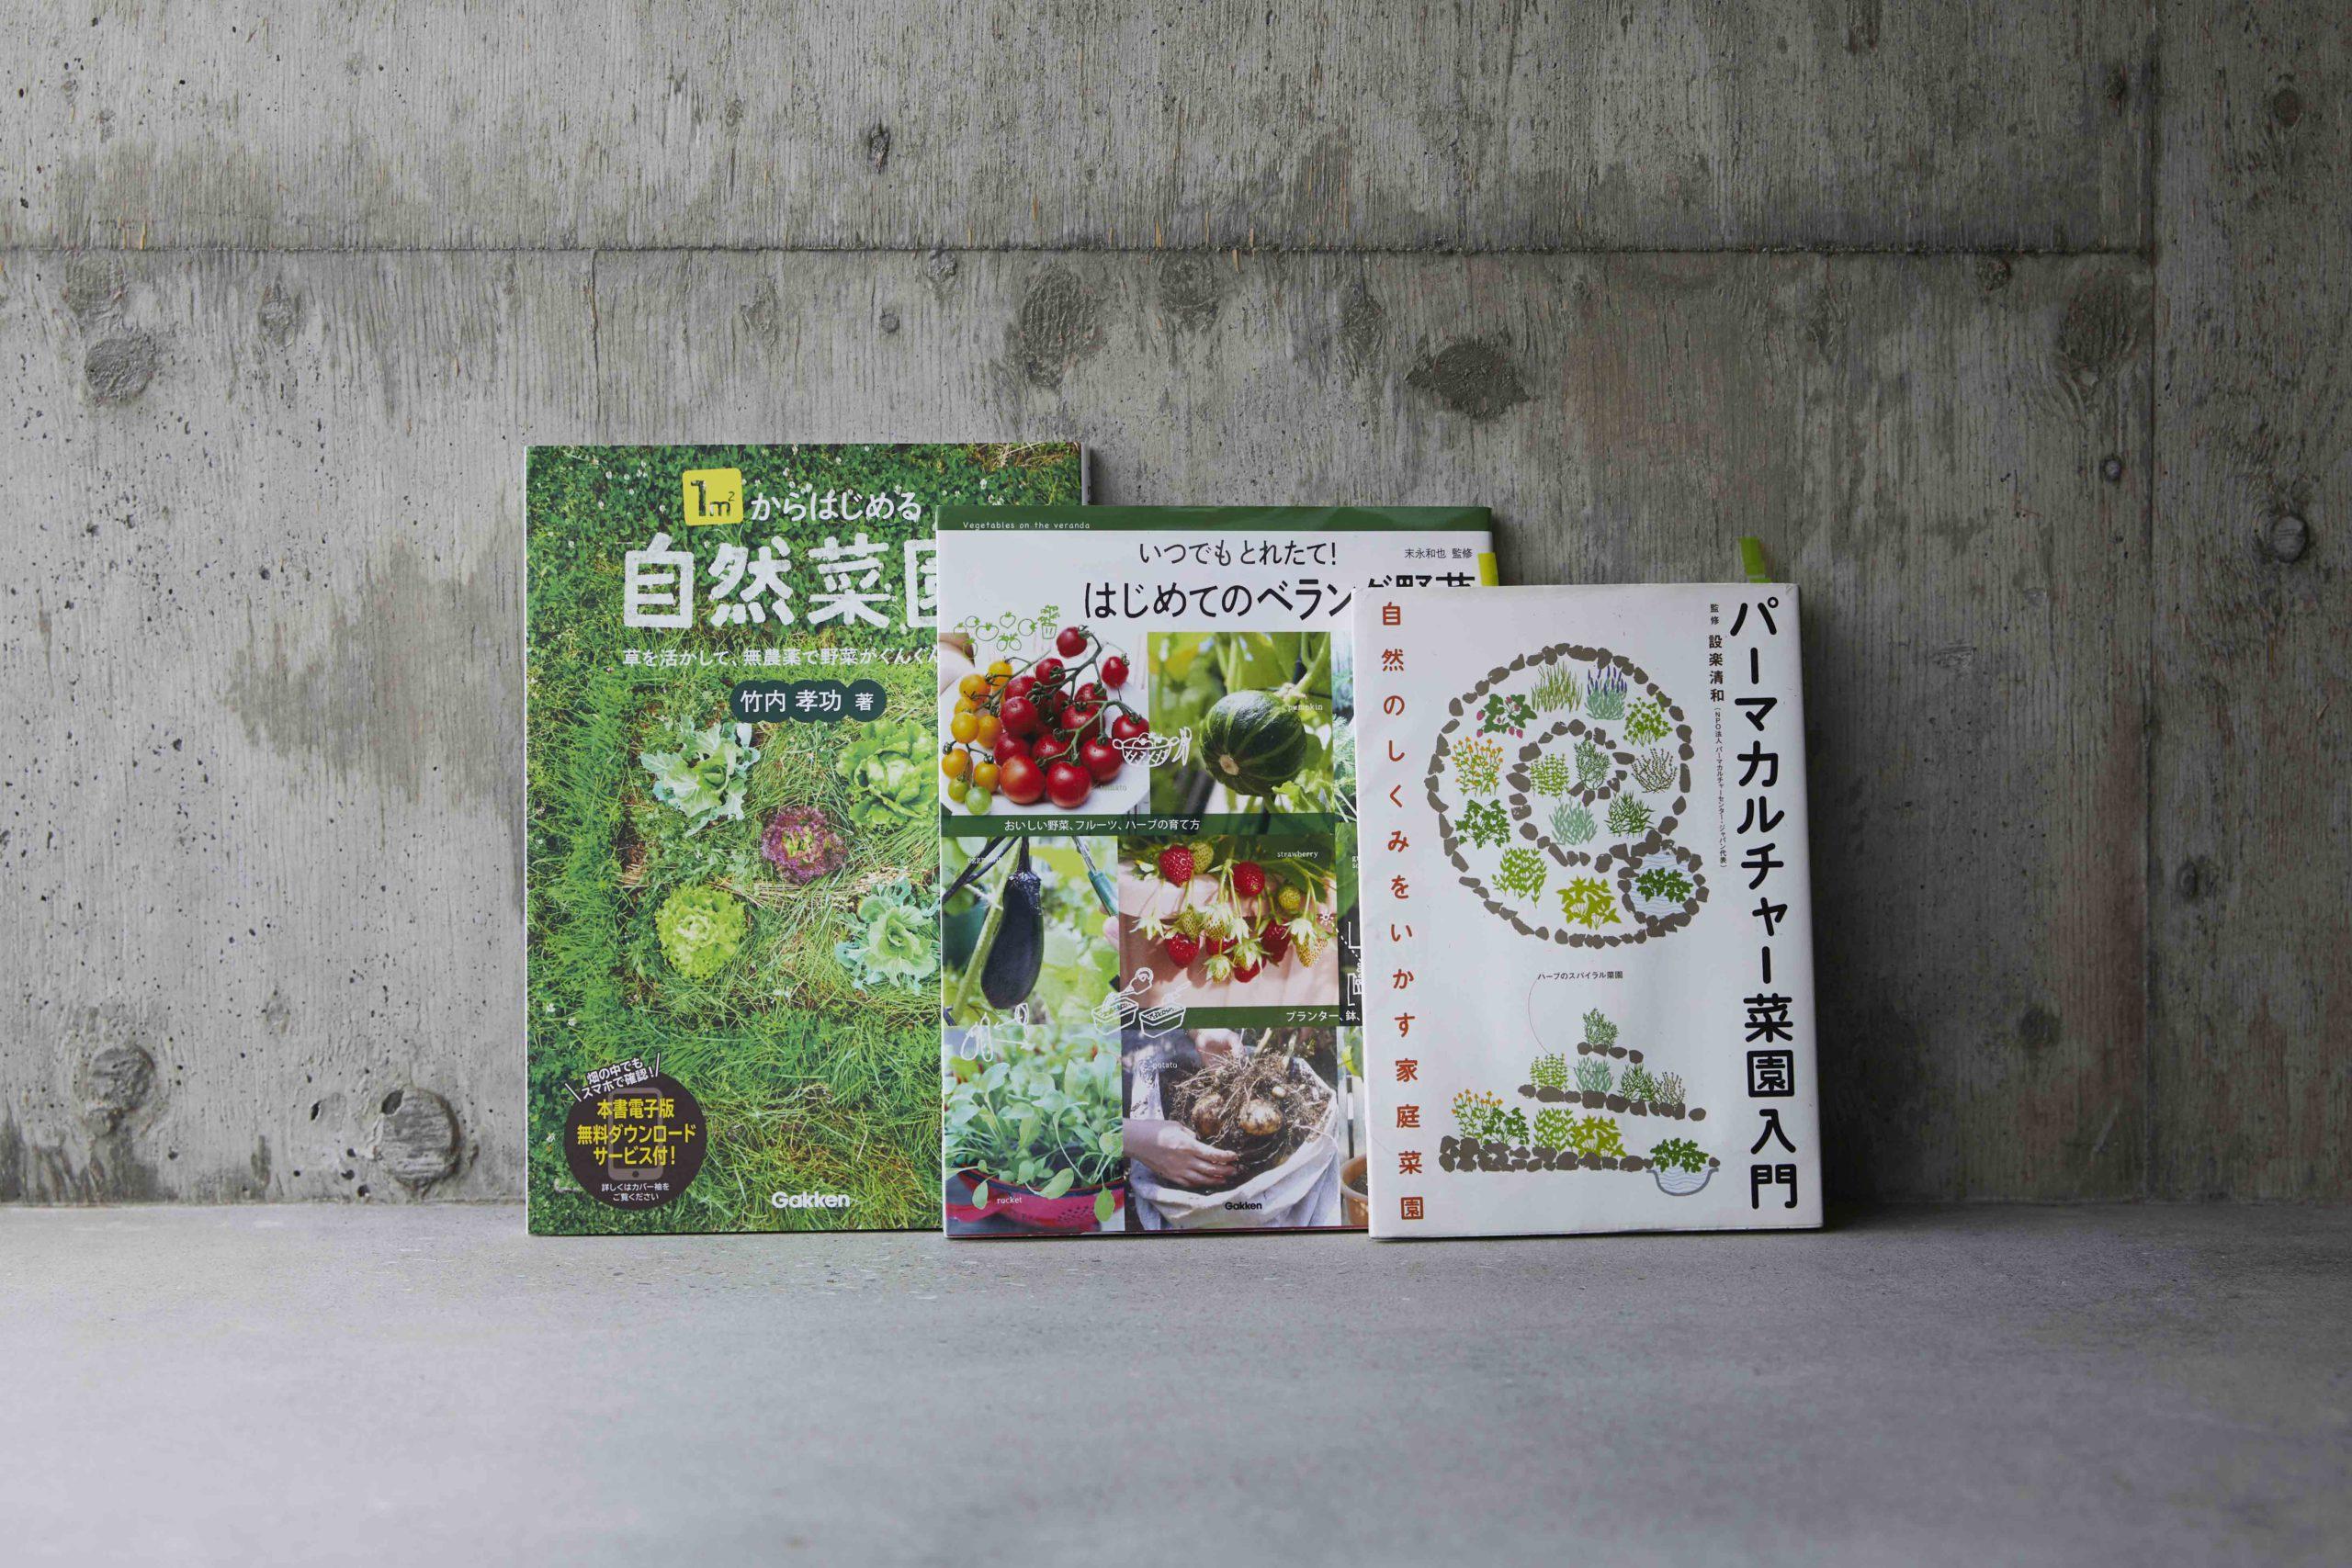 菜園を始めるにあたって教科書のように何度も読んだ本。